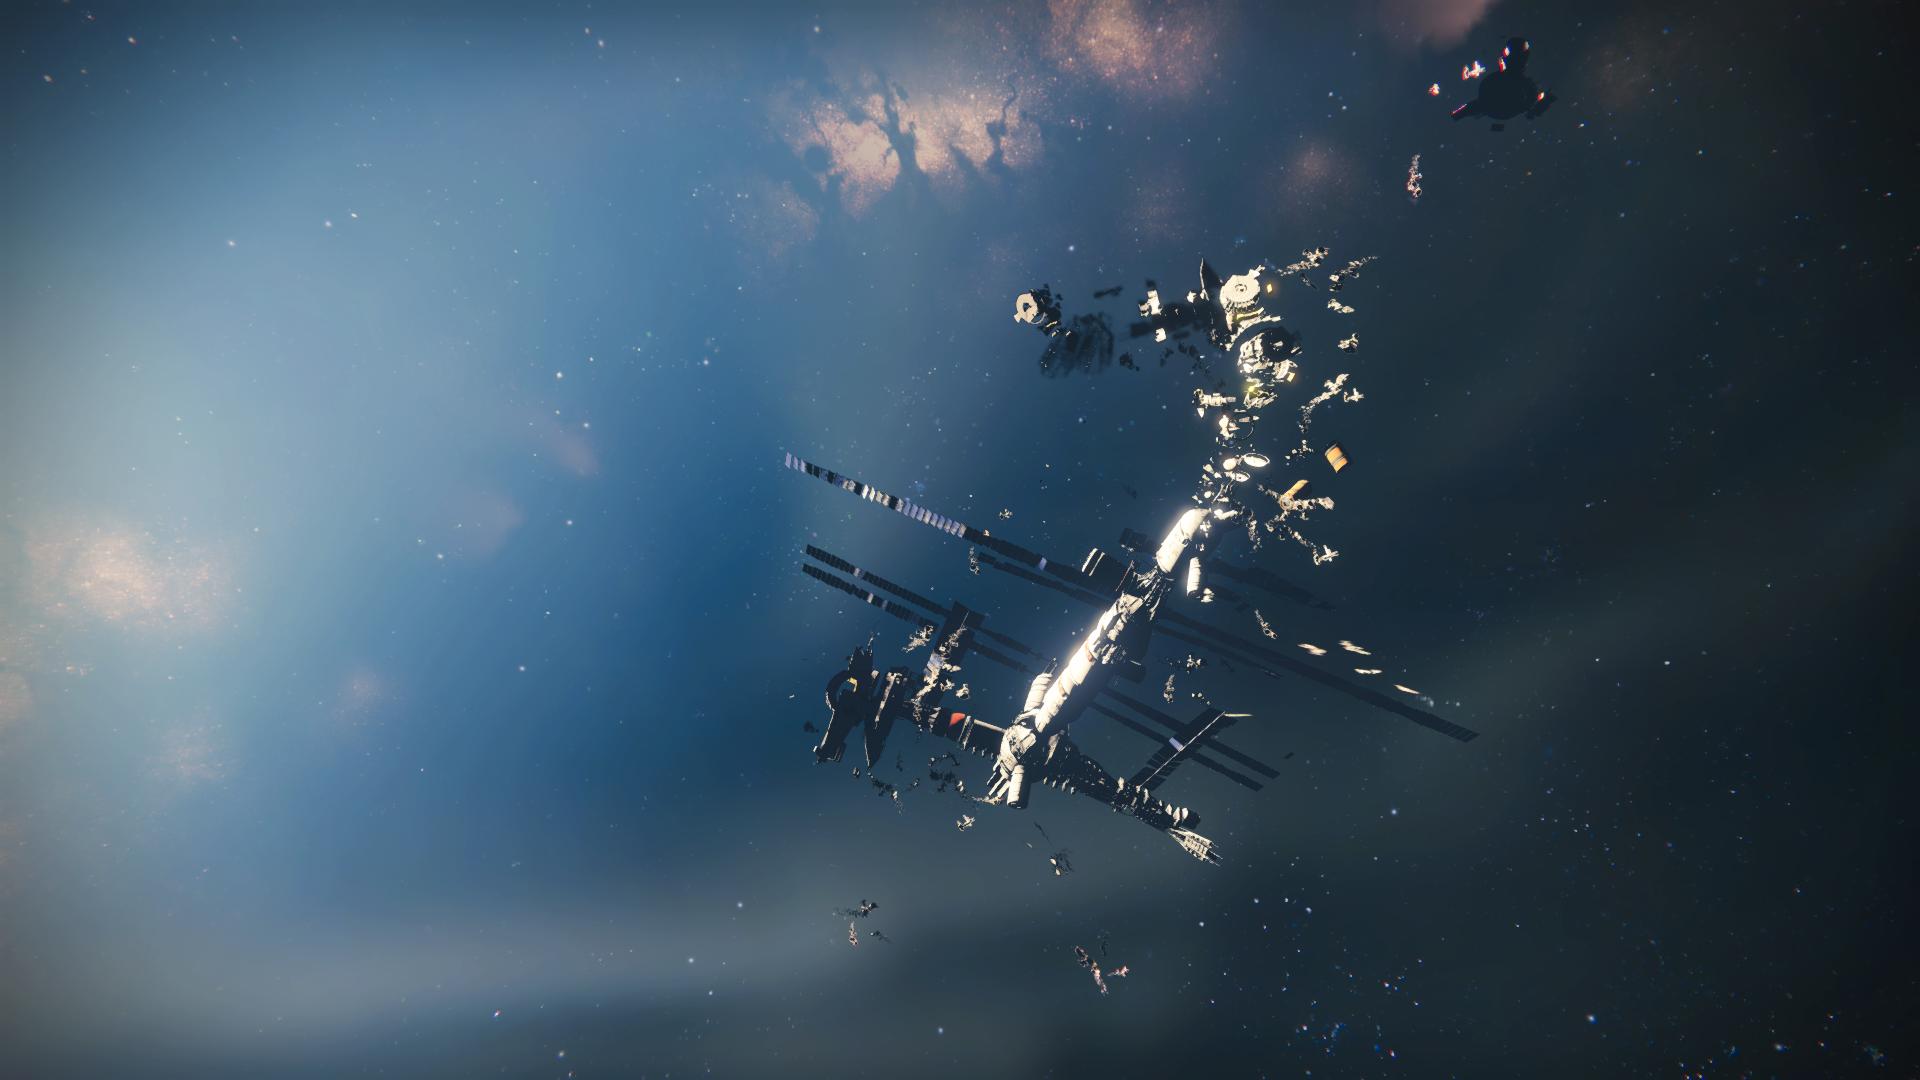 Destiny 1 Backgrounds 1920x1080